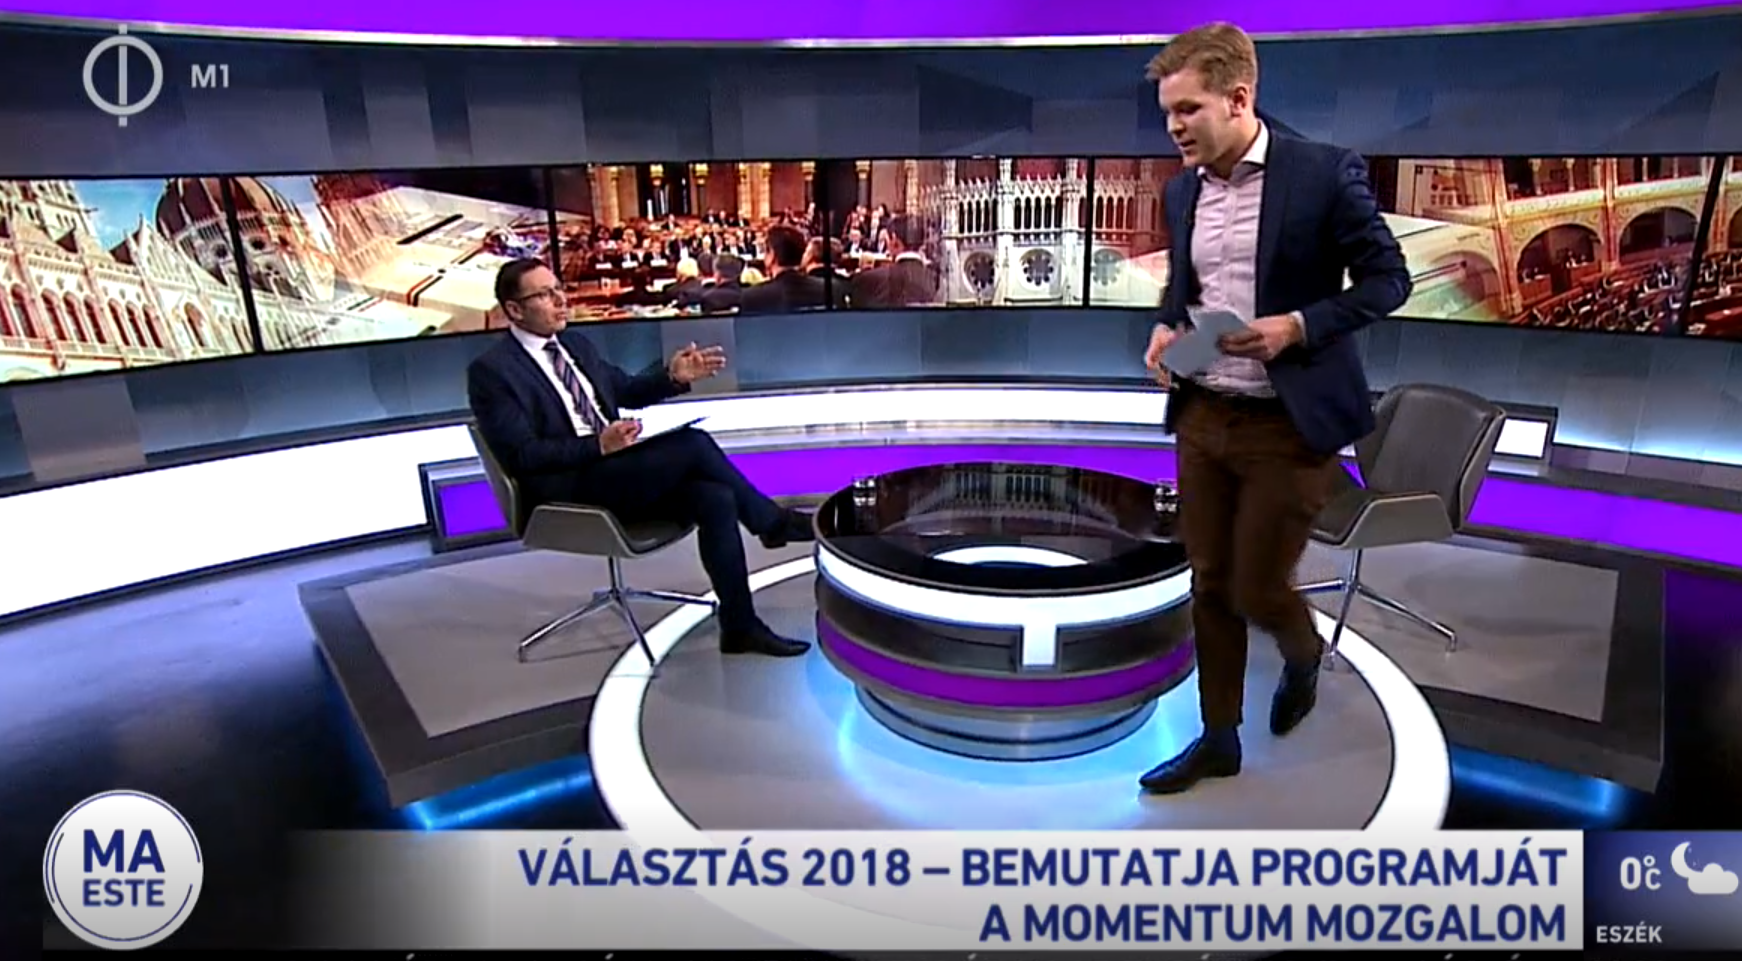 A Momentum is megkapta a maga öt percét az MTVA-ban: Orbán Ráhelről, Tiborczról és Kósa Lajosról kérdezték Orbán Viktort